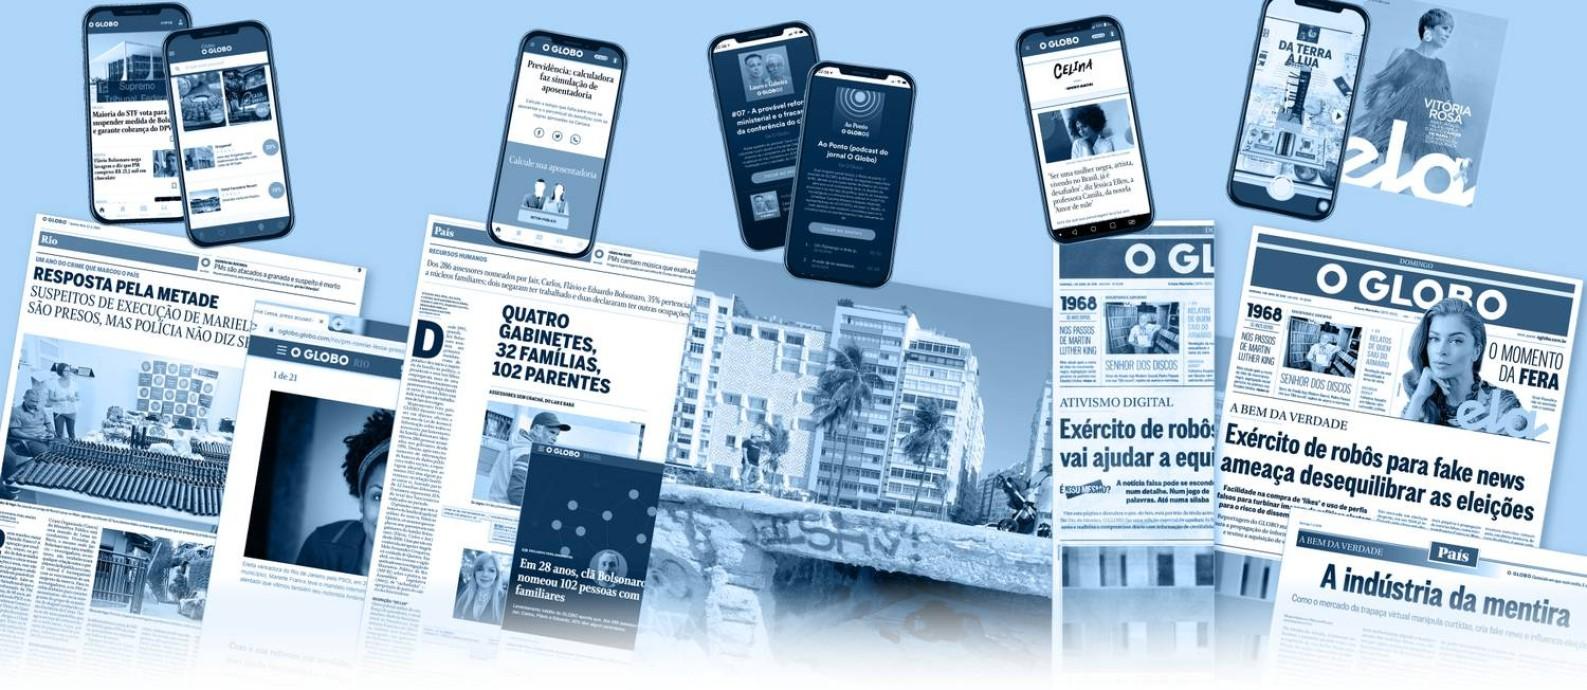 O GLOBO investe em conteúdo, serviços e inovação Foto: Editoria de Arte